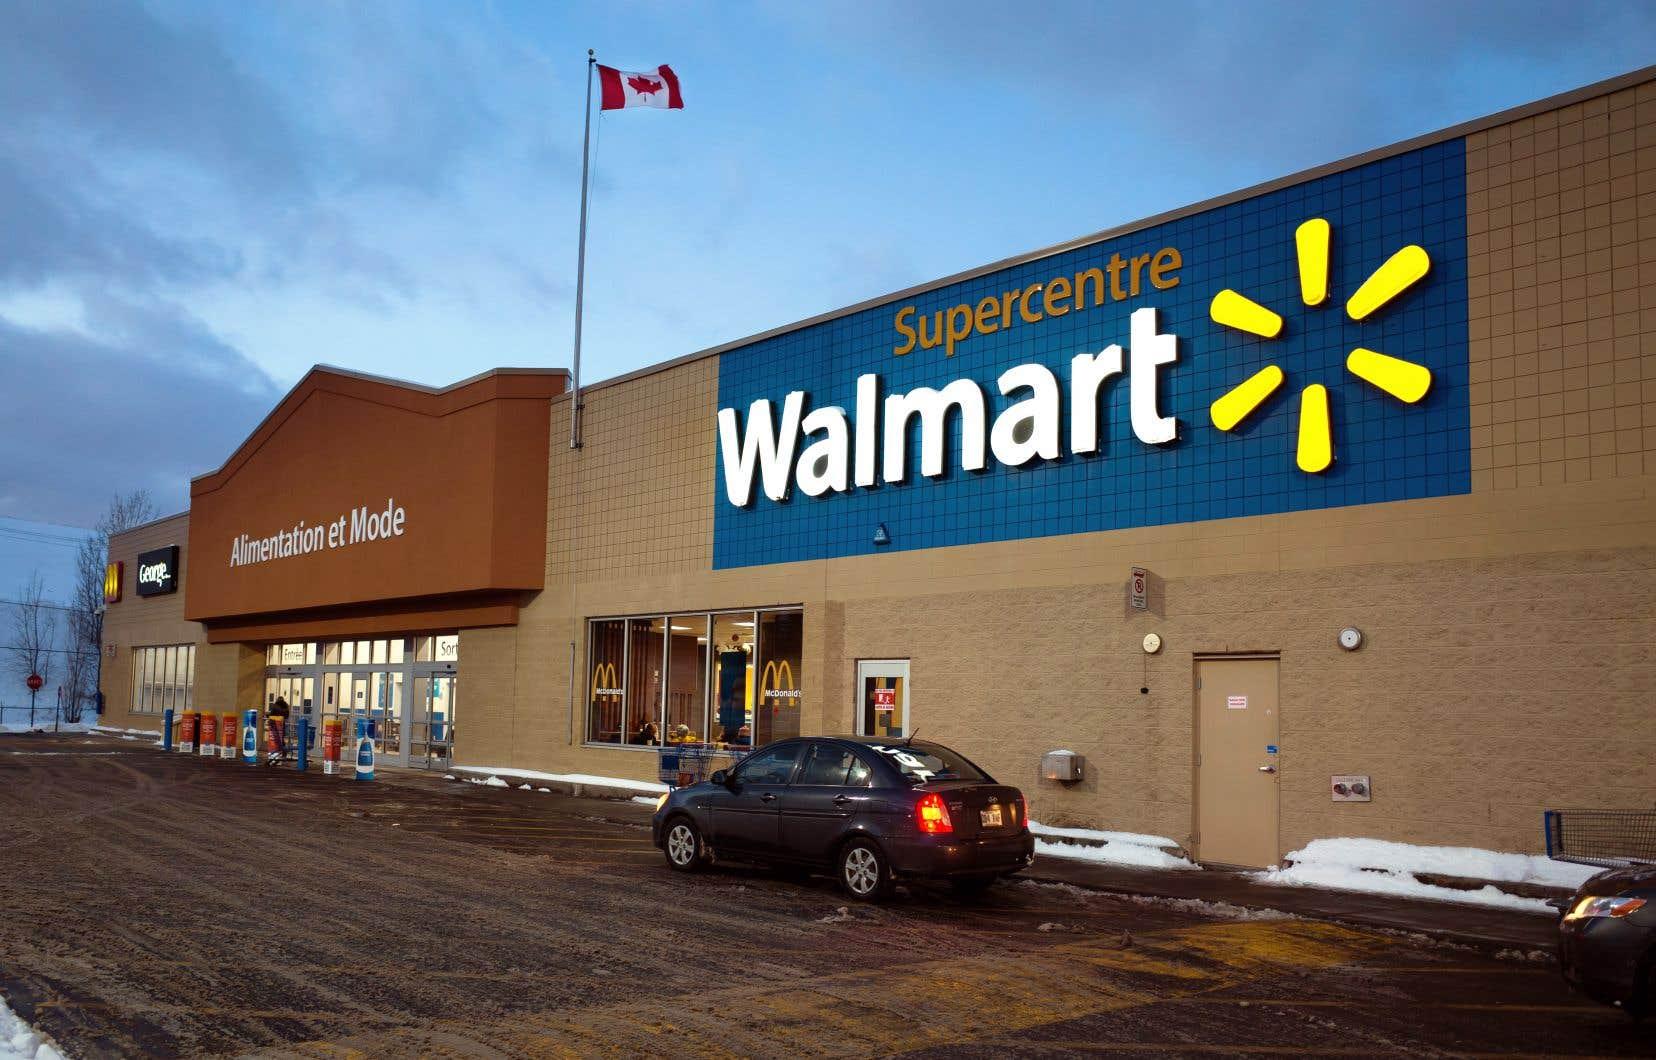 Walmart a précisé qu'elle connaissait une forte demande pour son service de ramassage en magasin et de livraison.